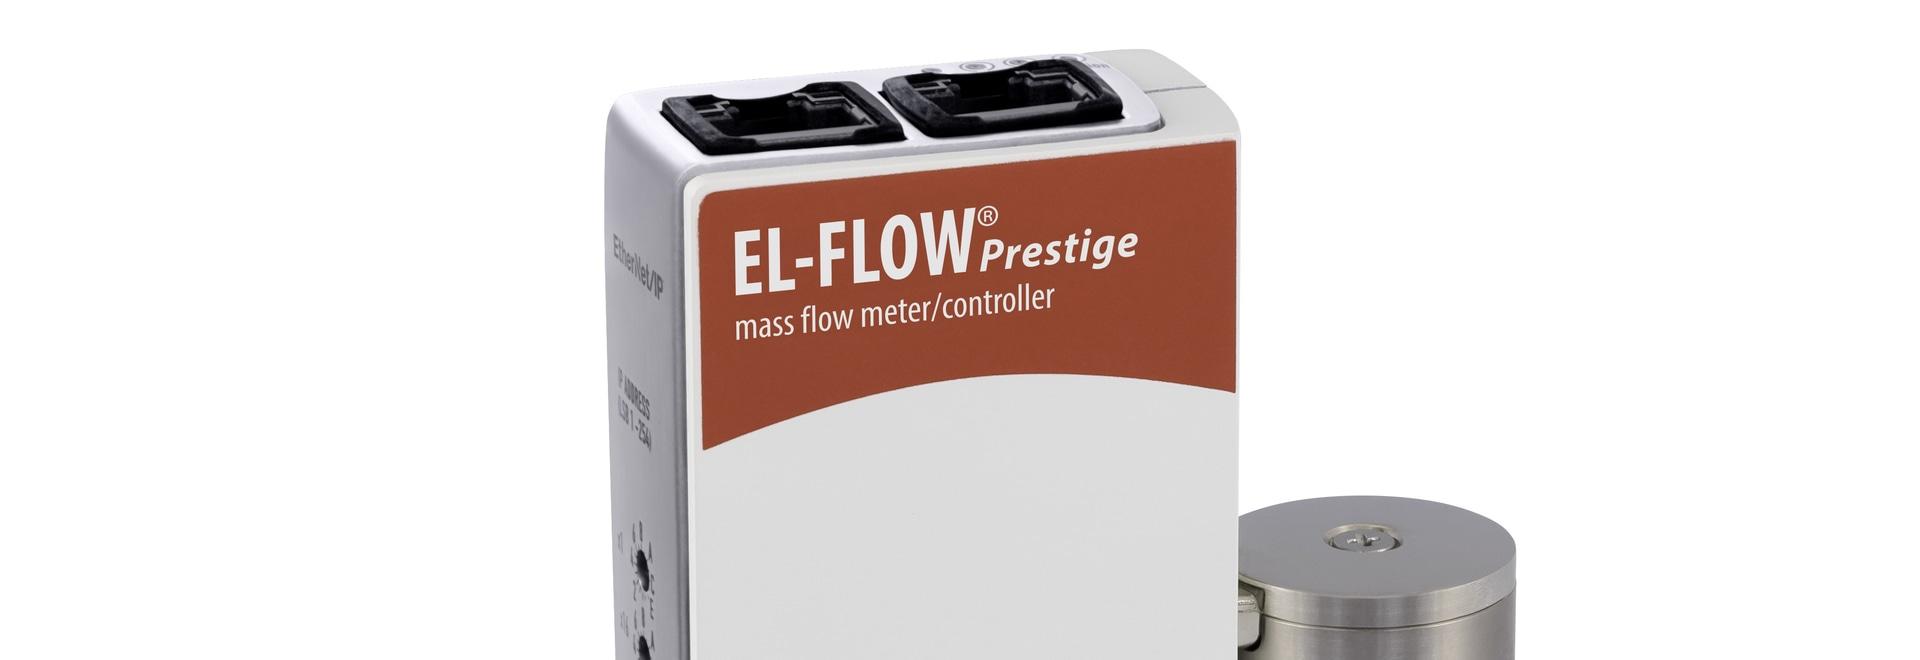 Massenflussregler mit Ethernet-Schnittstelle